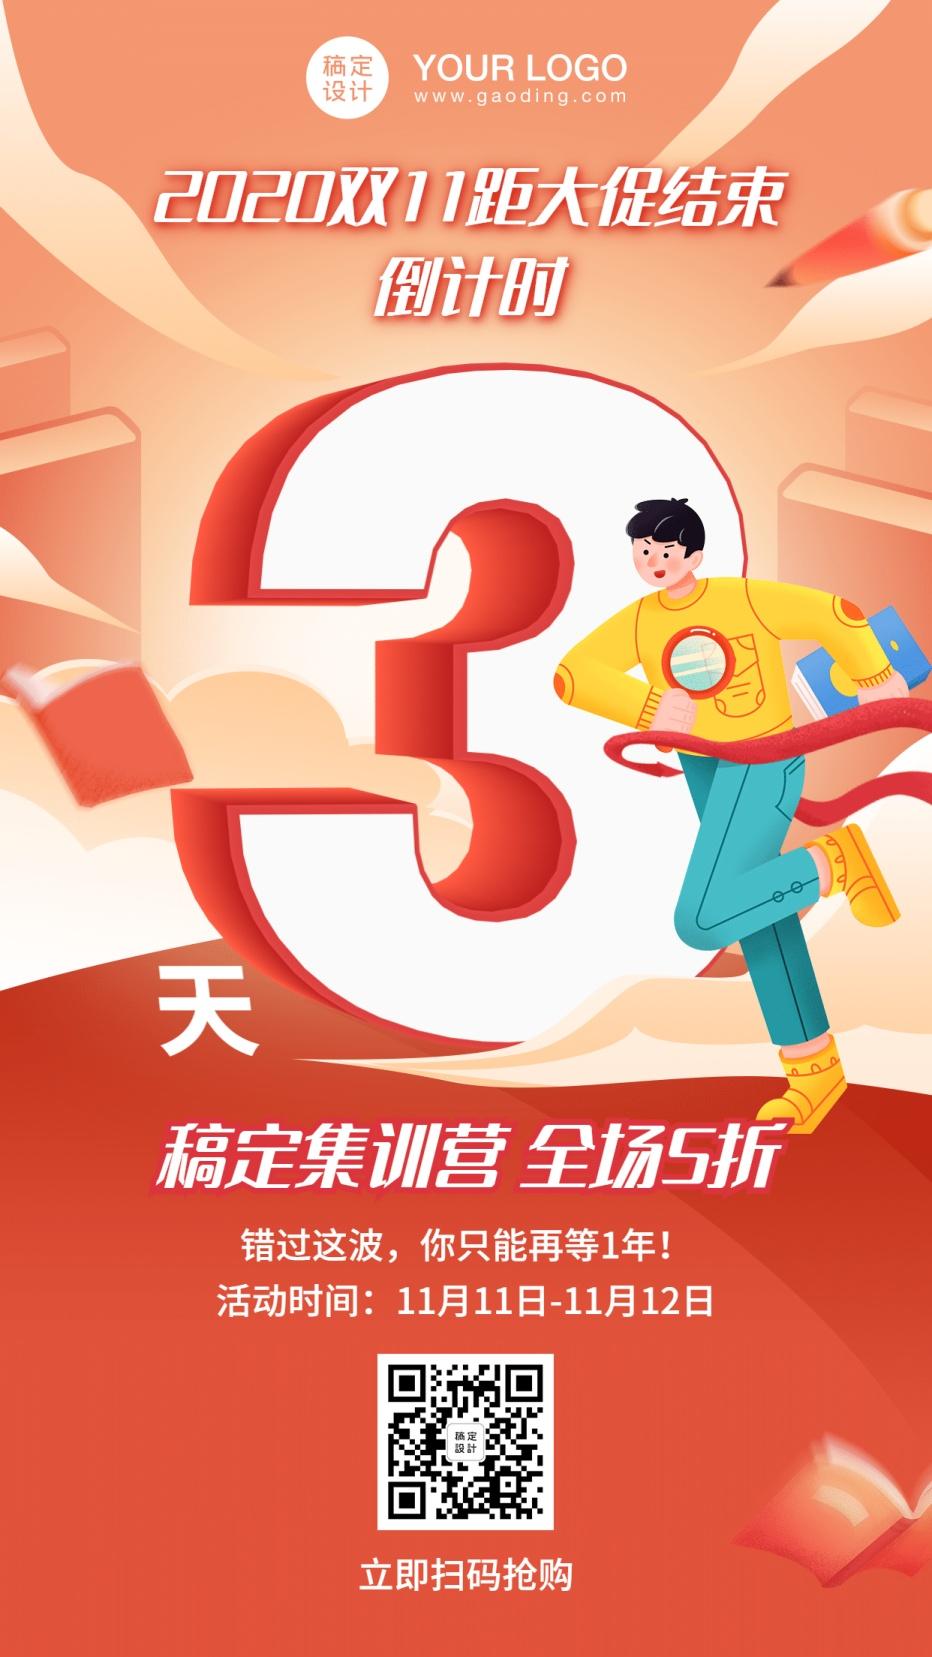 双十一课程学习促销3D倒计时海报